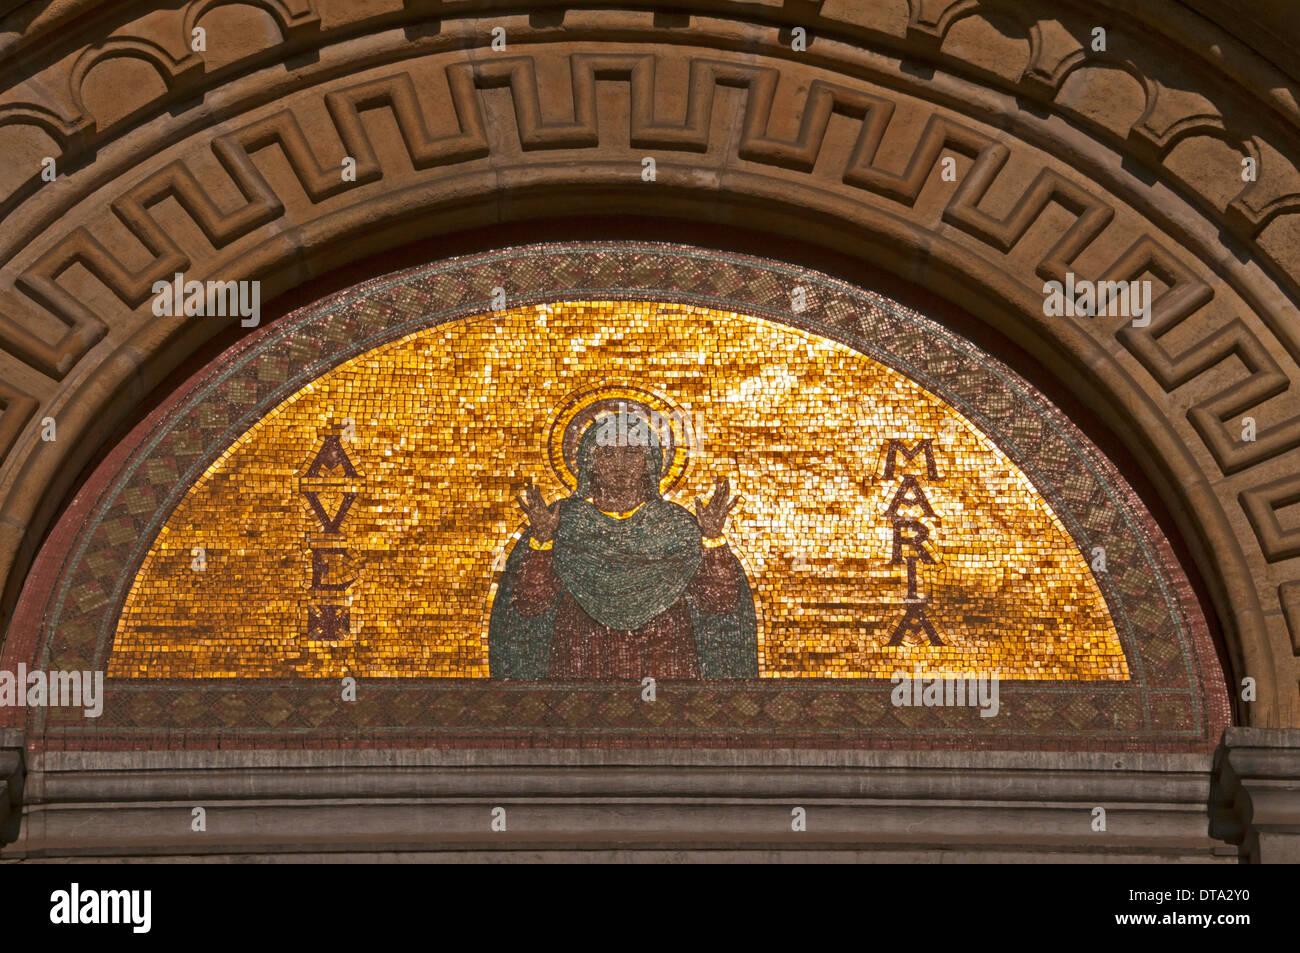 Tympanum of Église Royale Sainte-Marie, Koninklijke Sint-Mariakerk or St. Mary's Royal Church, Schaerbeek, Schaarbeek, Brussels - Stock Image